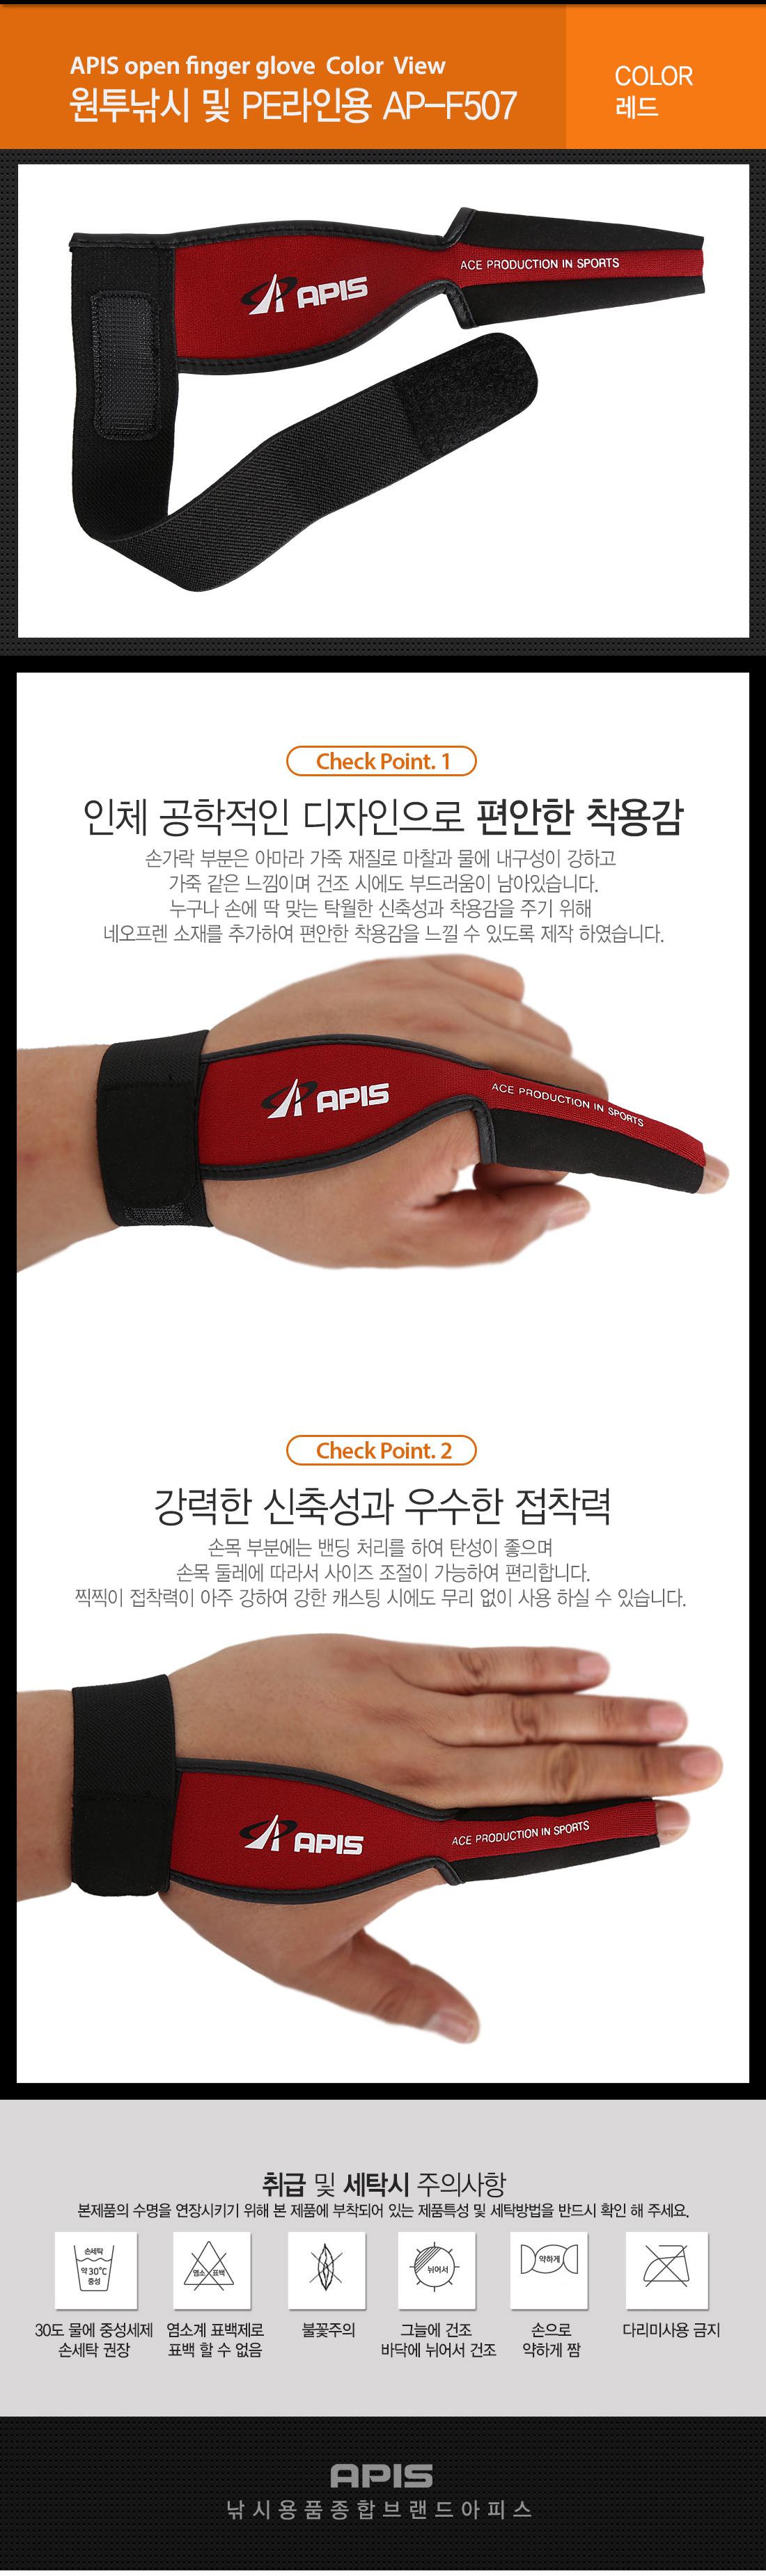 아피스 오픈 핑거 글러브 원투낚시 PE라인용 AP-F507 서프,합사줄